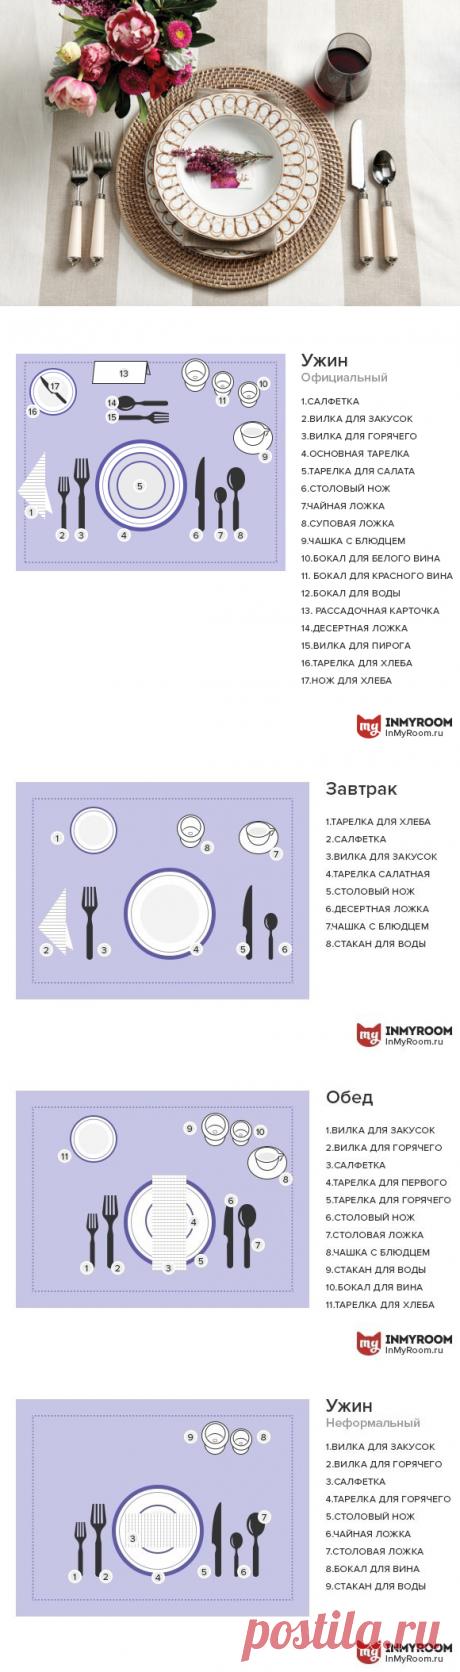 Все о сервировке + схемы, которые нужно сохранить в «Избранное» | Свежие идеи дизайна интерьеров, декора, архитектуры на InMyRoom.ru